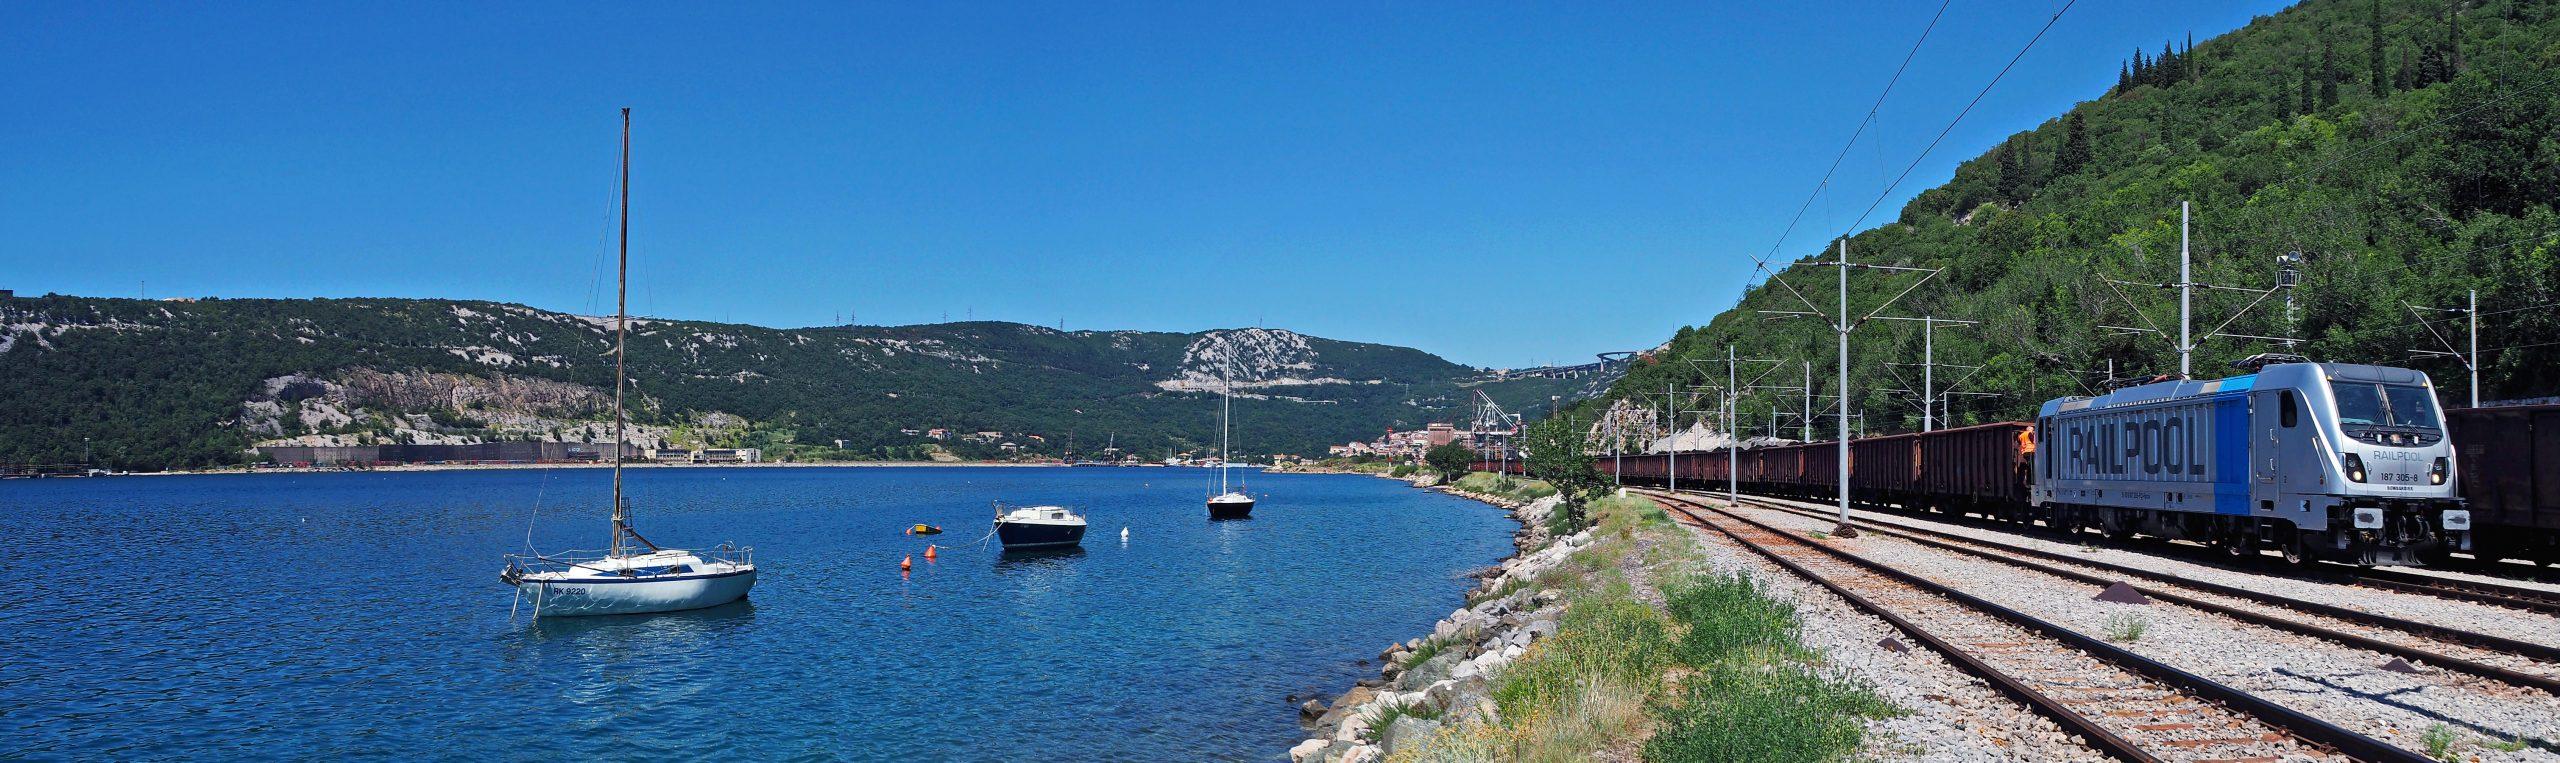 Railpool expandiert in die Balkanländer - TRAXX AC3 Last Mile für den kroatischen Markt